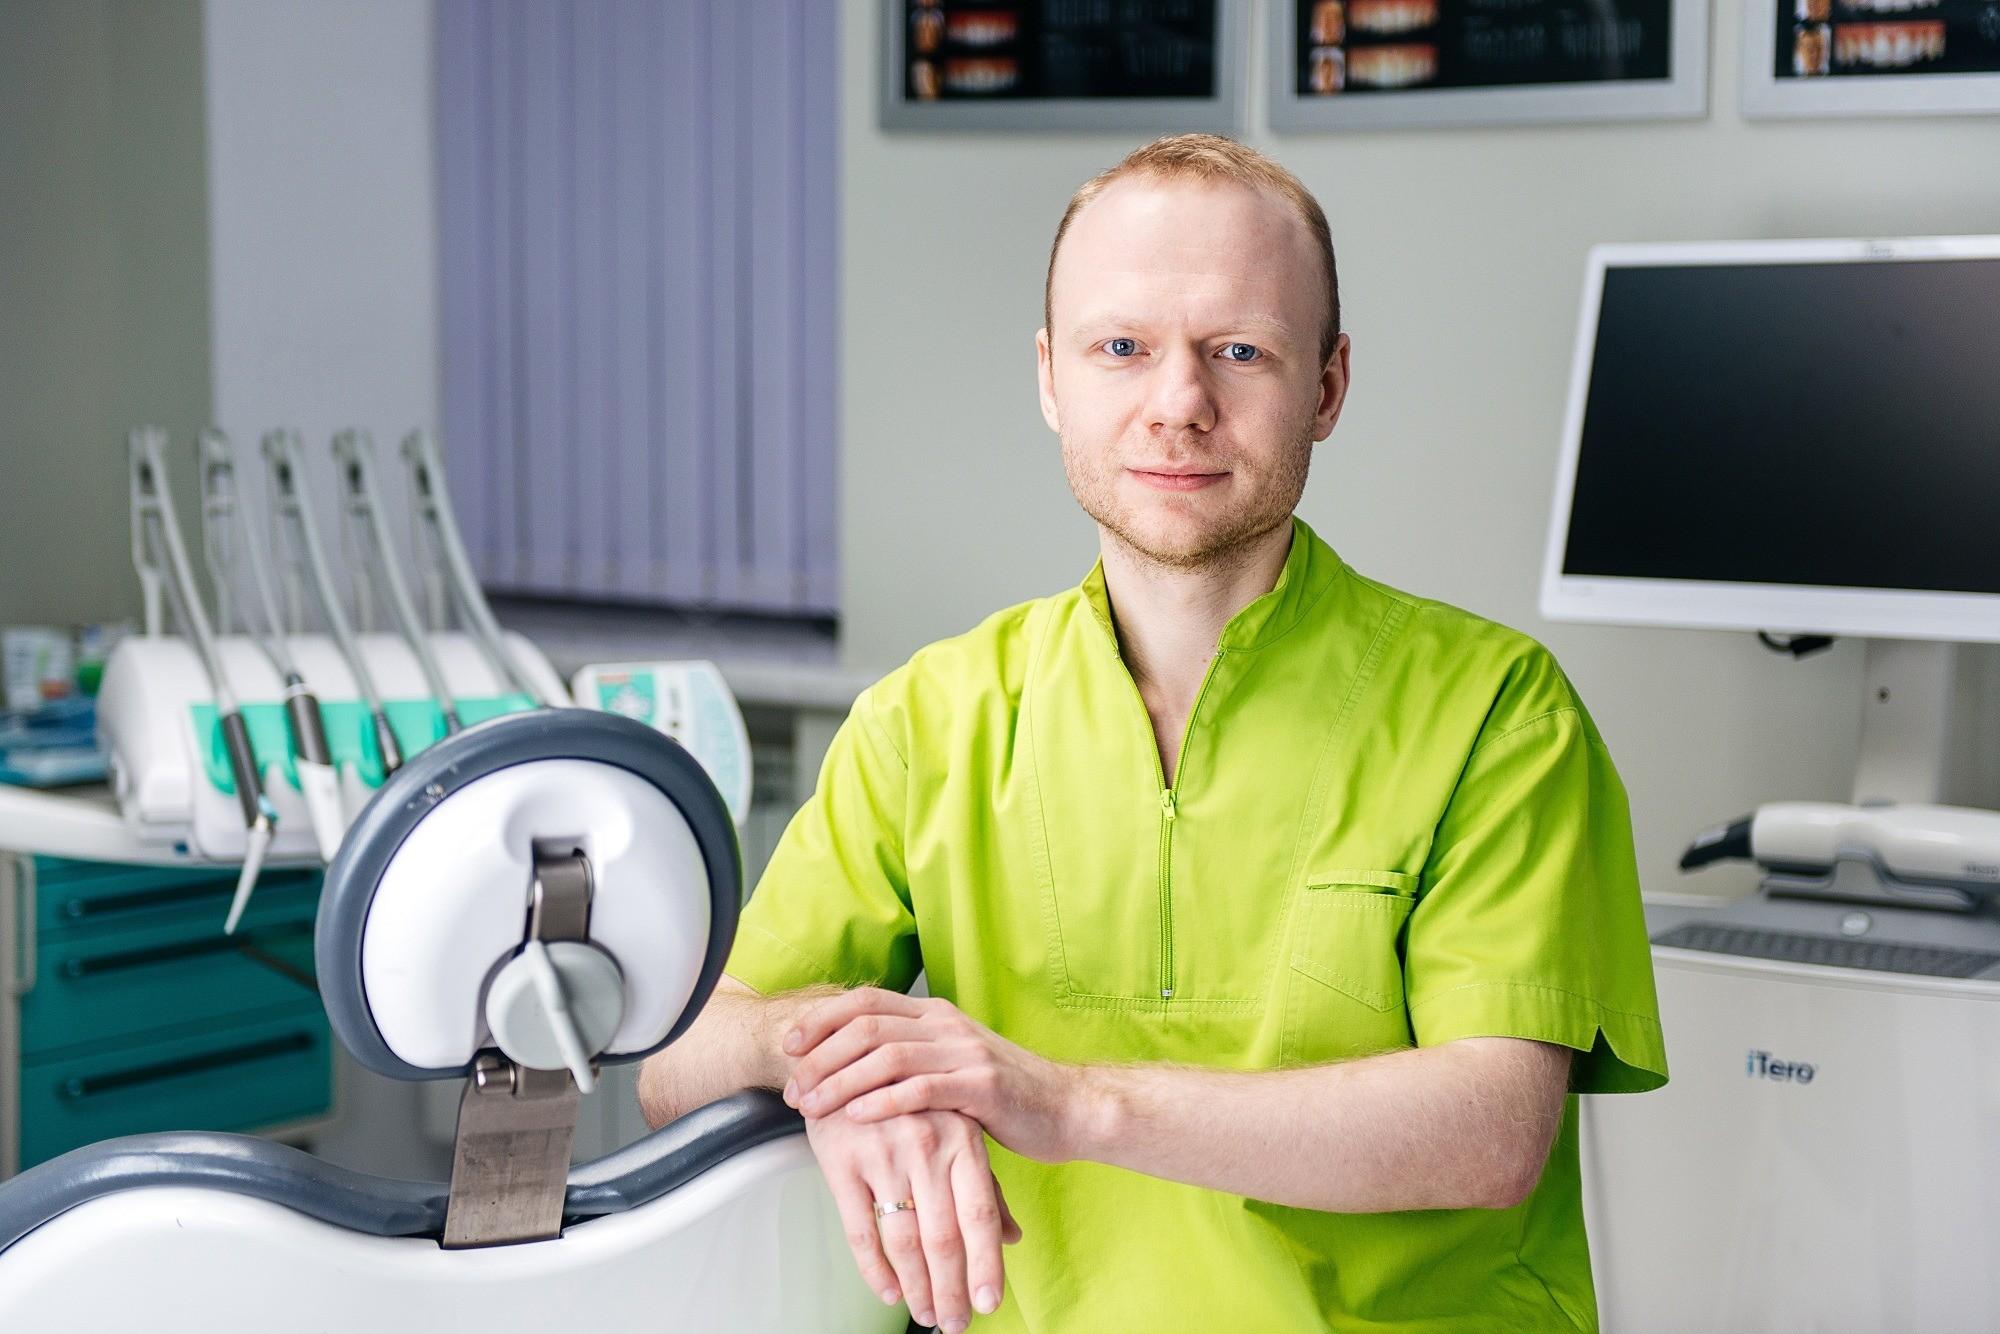 Антон Герасимов, хирург-имплантолог